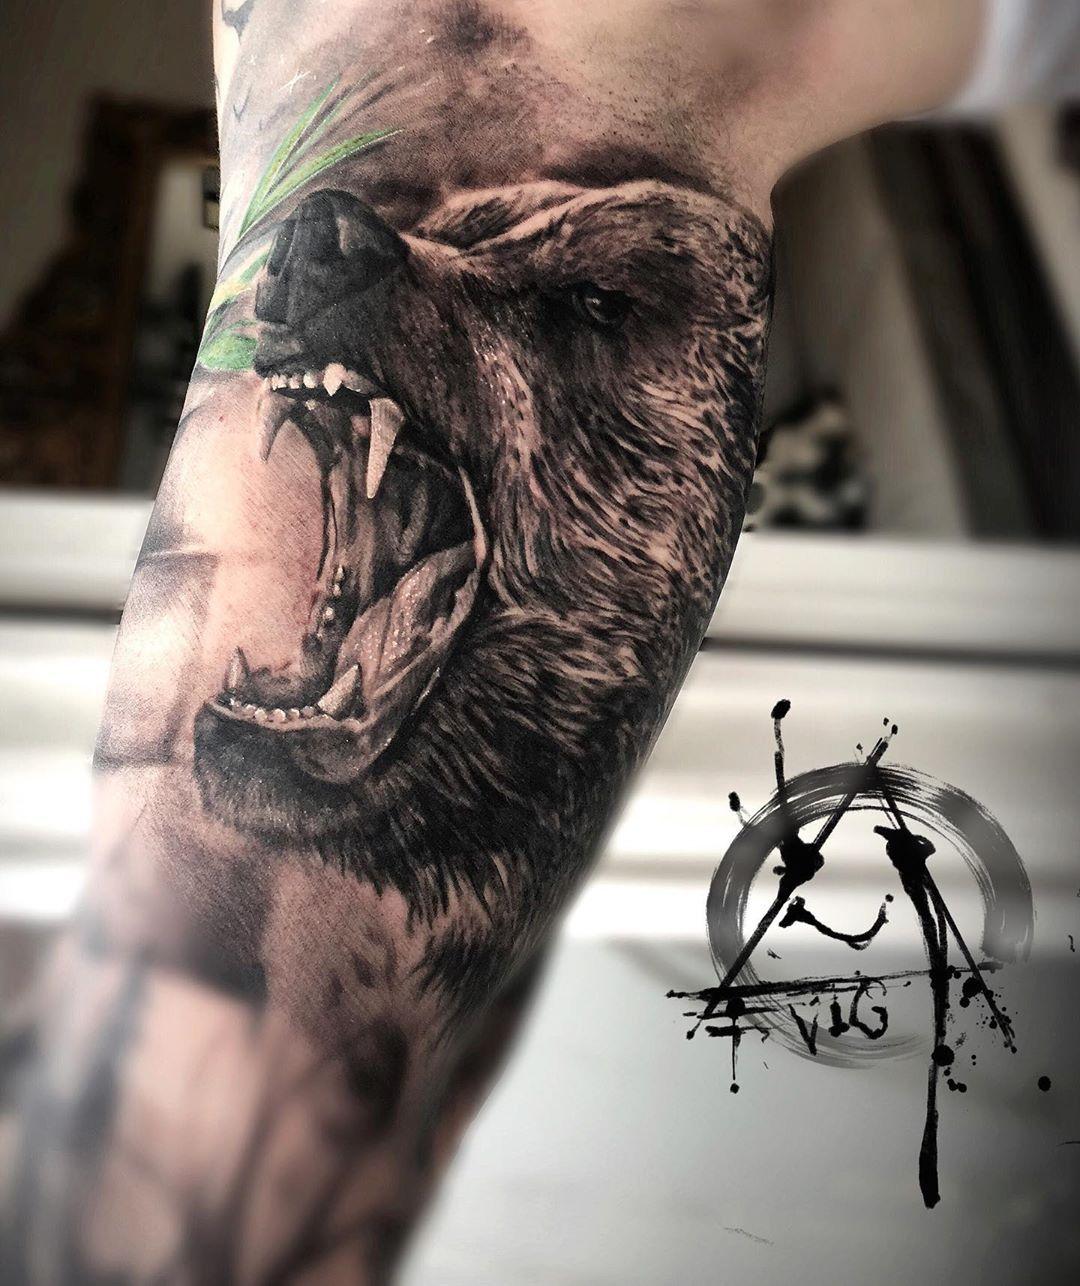 Oldies 🖤 . . . #animaltattoo #wildbear #closeup #tattoosofinstagram #besttattoos #eviggladcreations #madeincopenhagen #contactmetoday #stillopenforbooking #oldiebutgoodie #skinartmagazine #blackandgreytattoo #bng #wildsleeve #wildanimals #misstattooing #tattoolife #inkedup #followme #tattoosofinstagram #artist #ironink #newbeginnings  @jenniferevigglad @yayofamilia